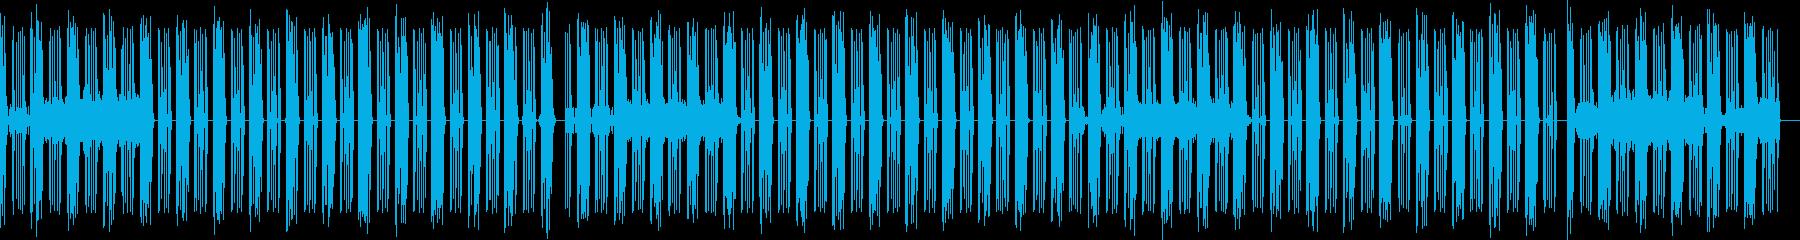 トラップ ヒップホップ 神経質 ス...の再生済みの波形